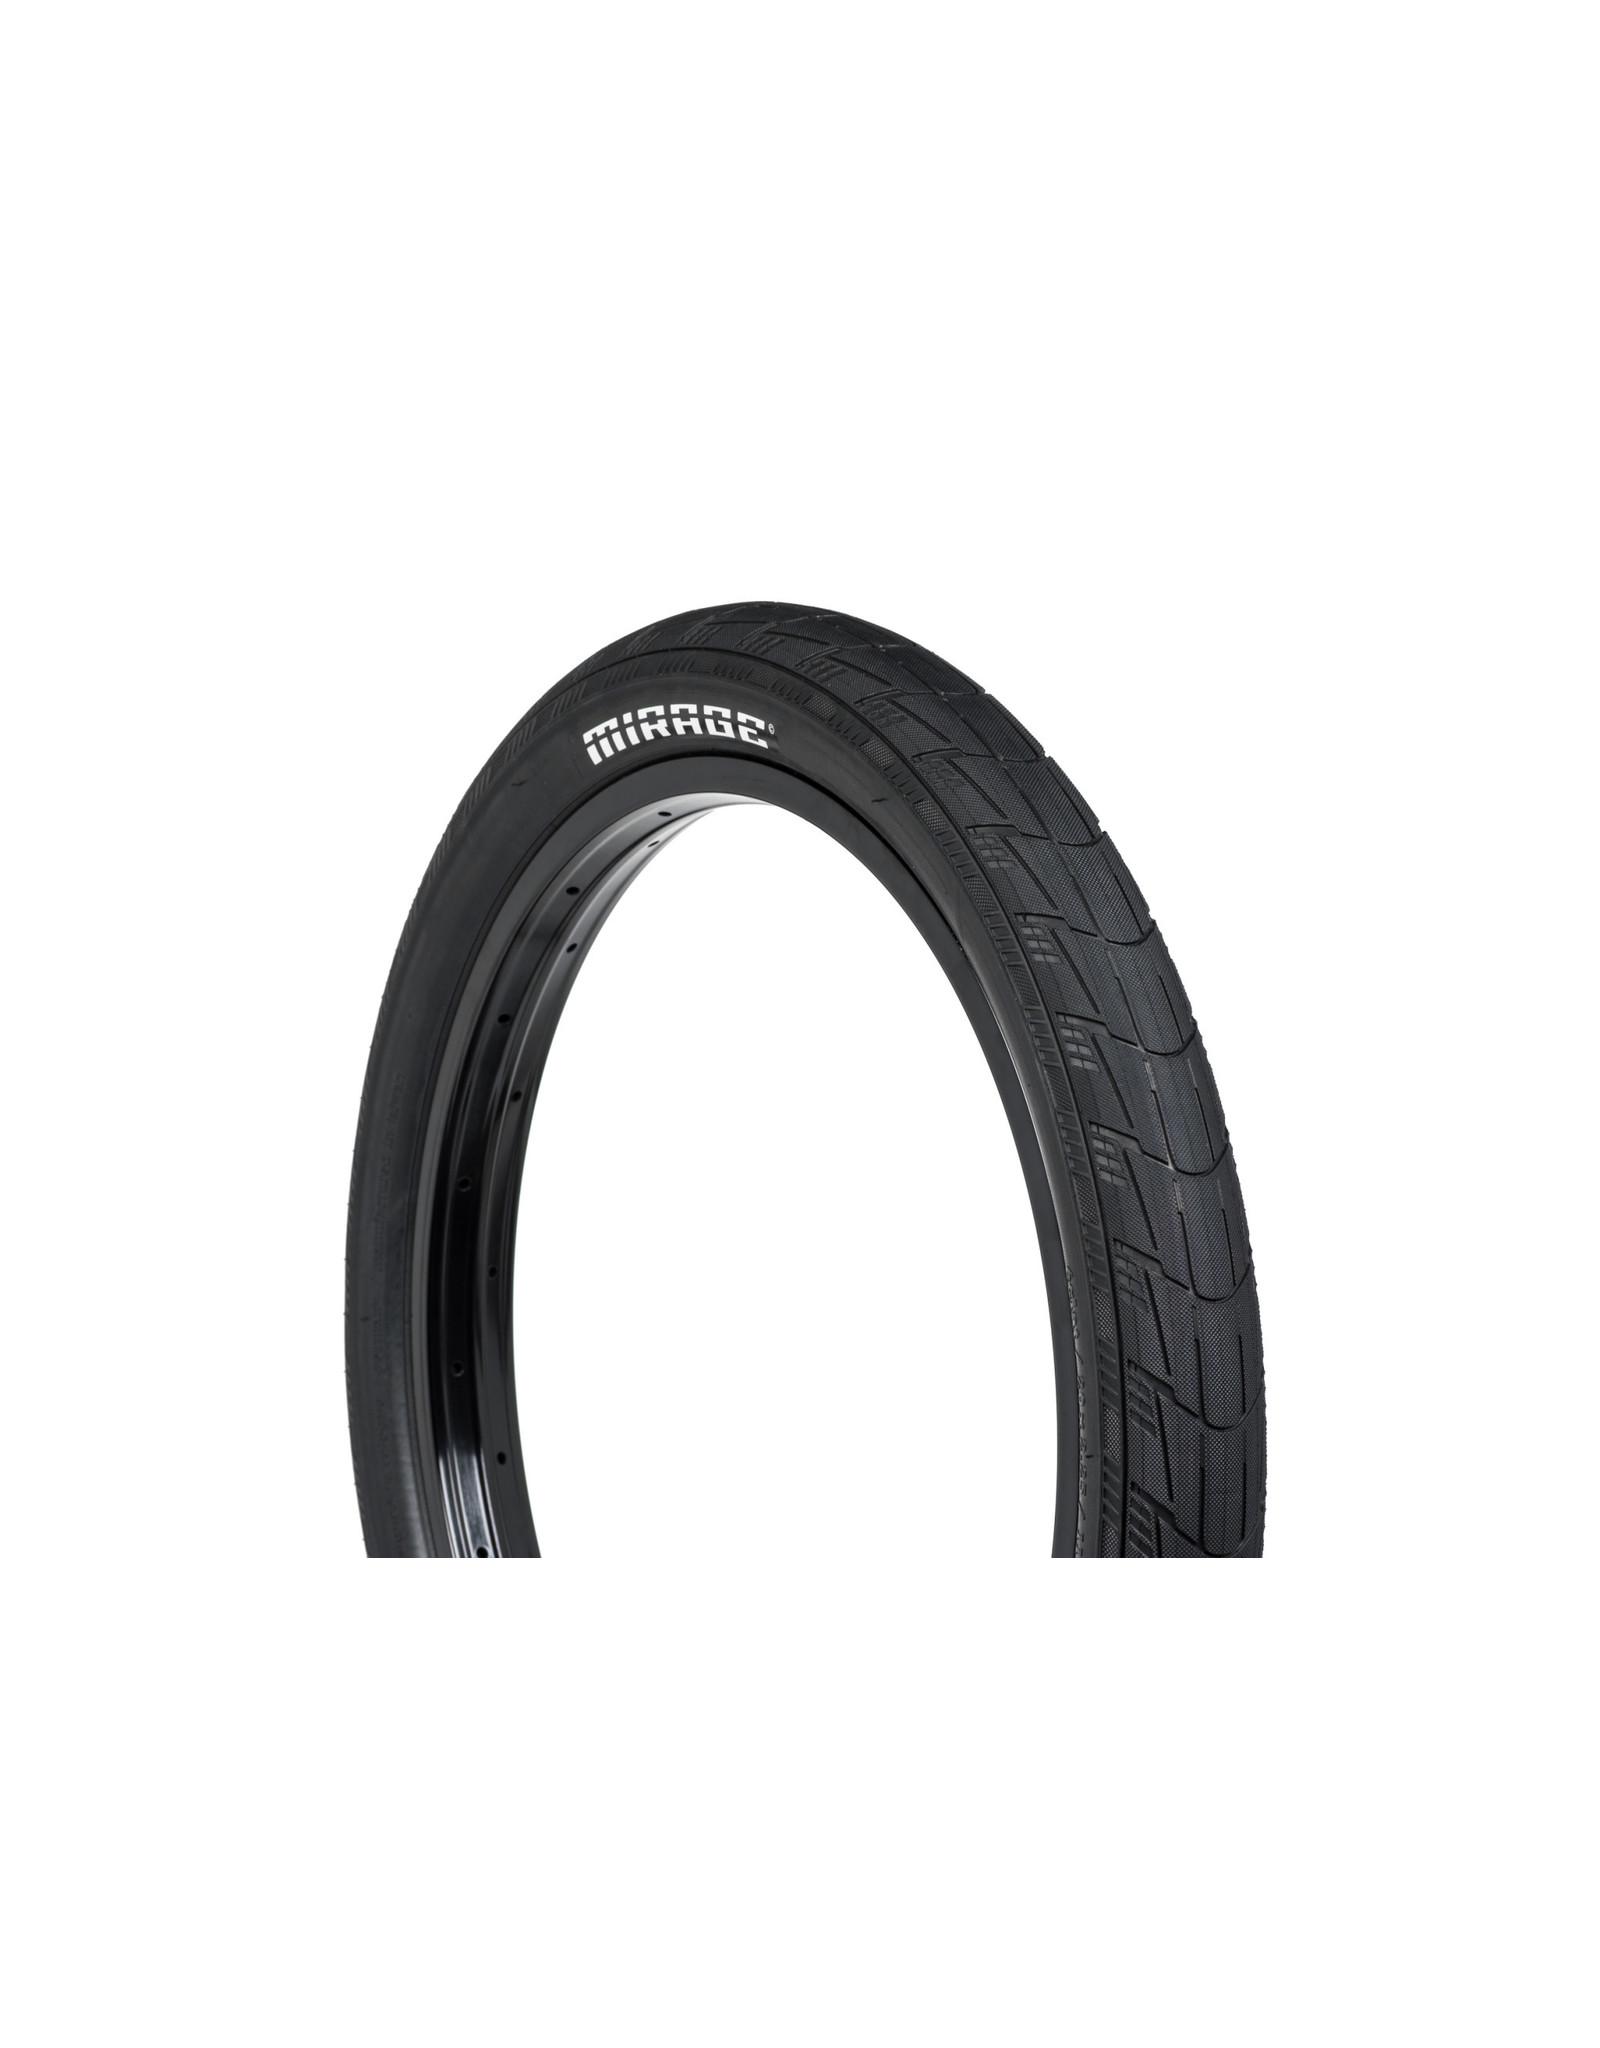 Eclat Eclat Mirage Lightweight tire 20x2.45